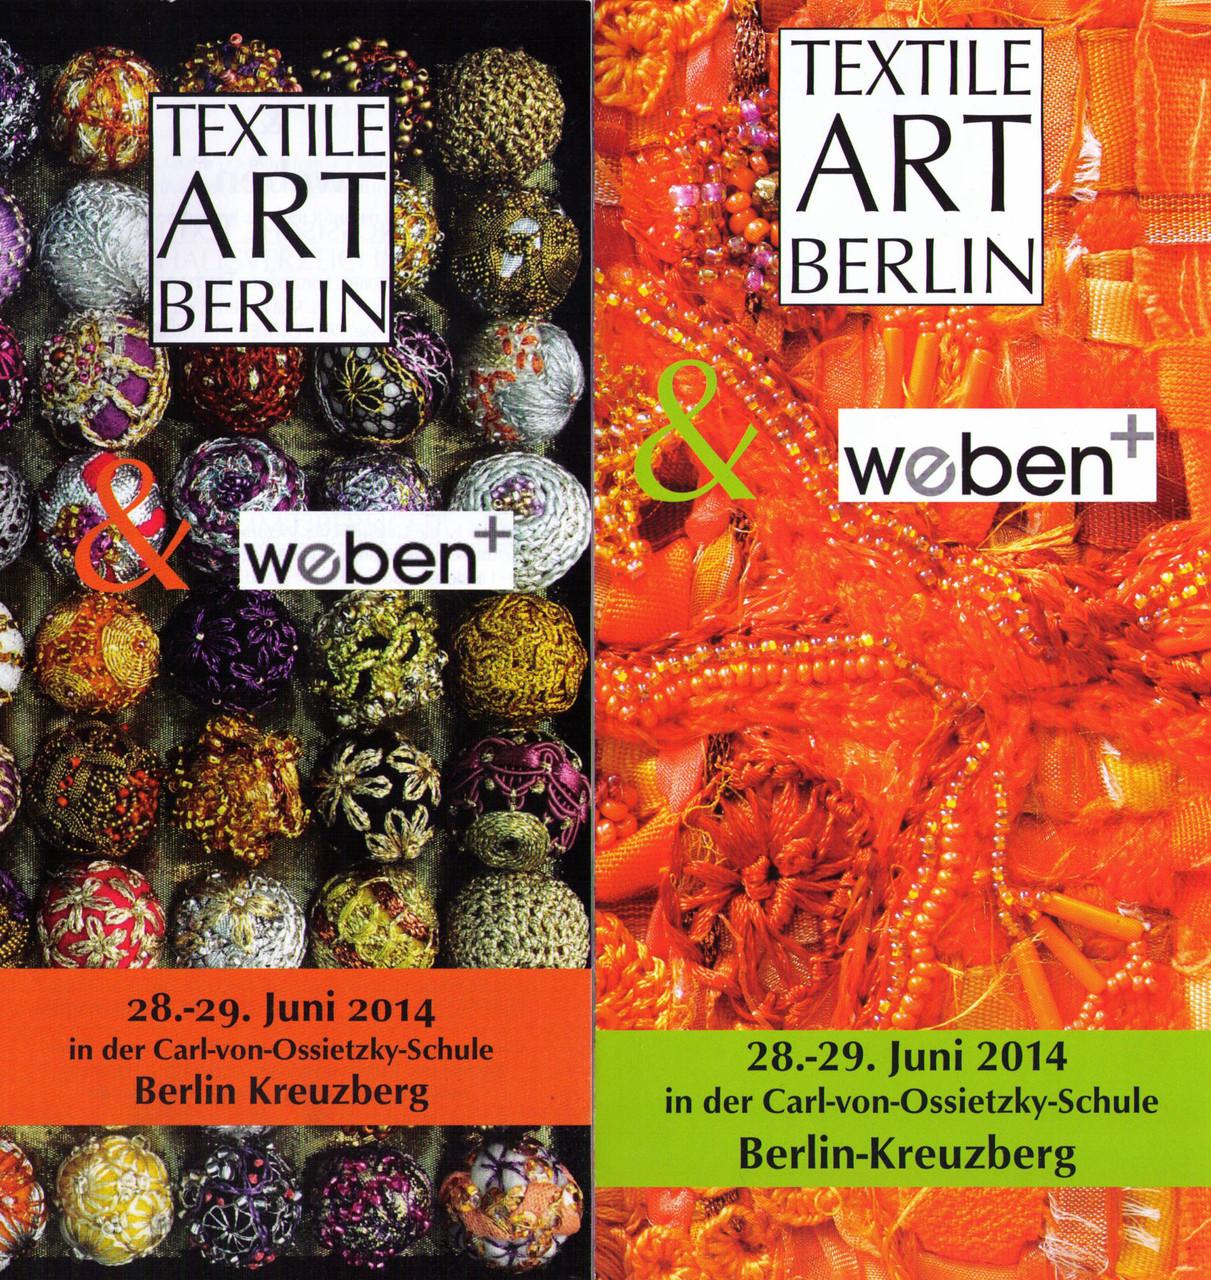 Textile Art Berlin, 2014